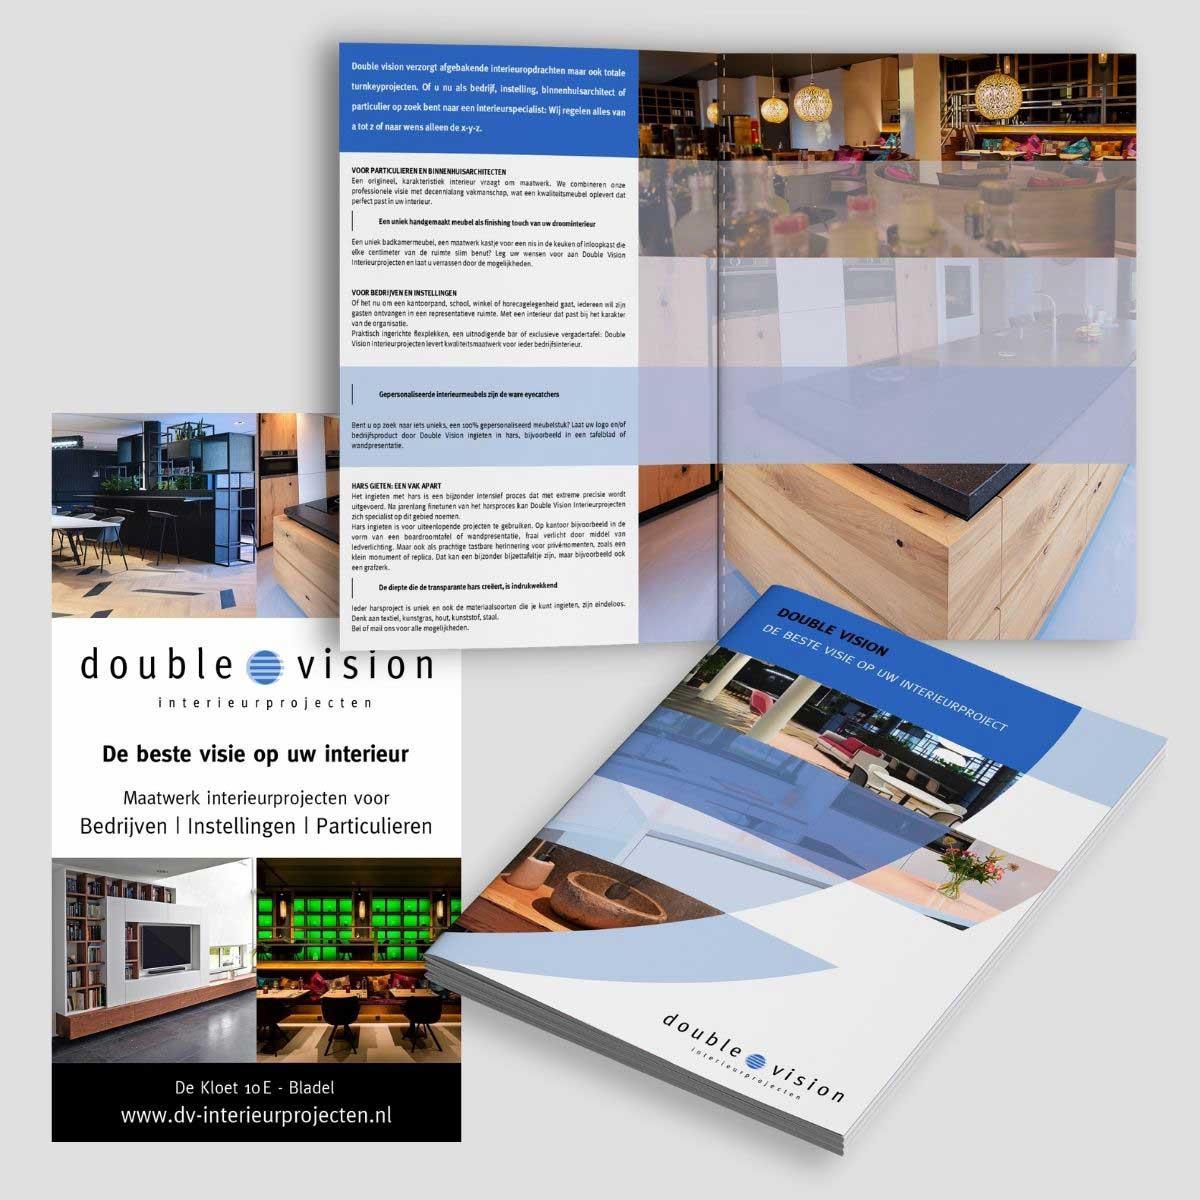 Ontwerp en realisiatie van reclamezuil, offertemap, brochure voor Double Vision Interieurprojecten Bladel.